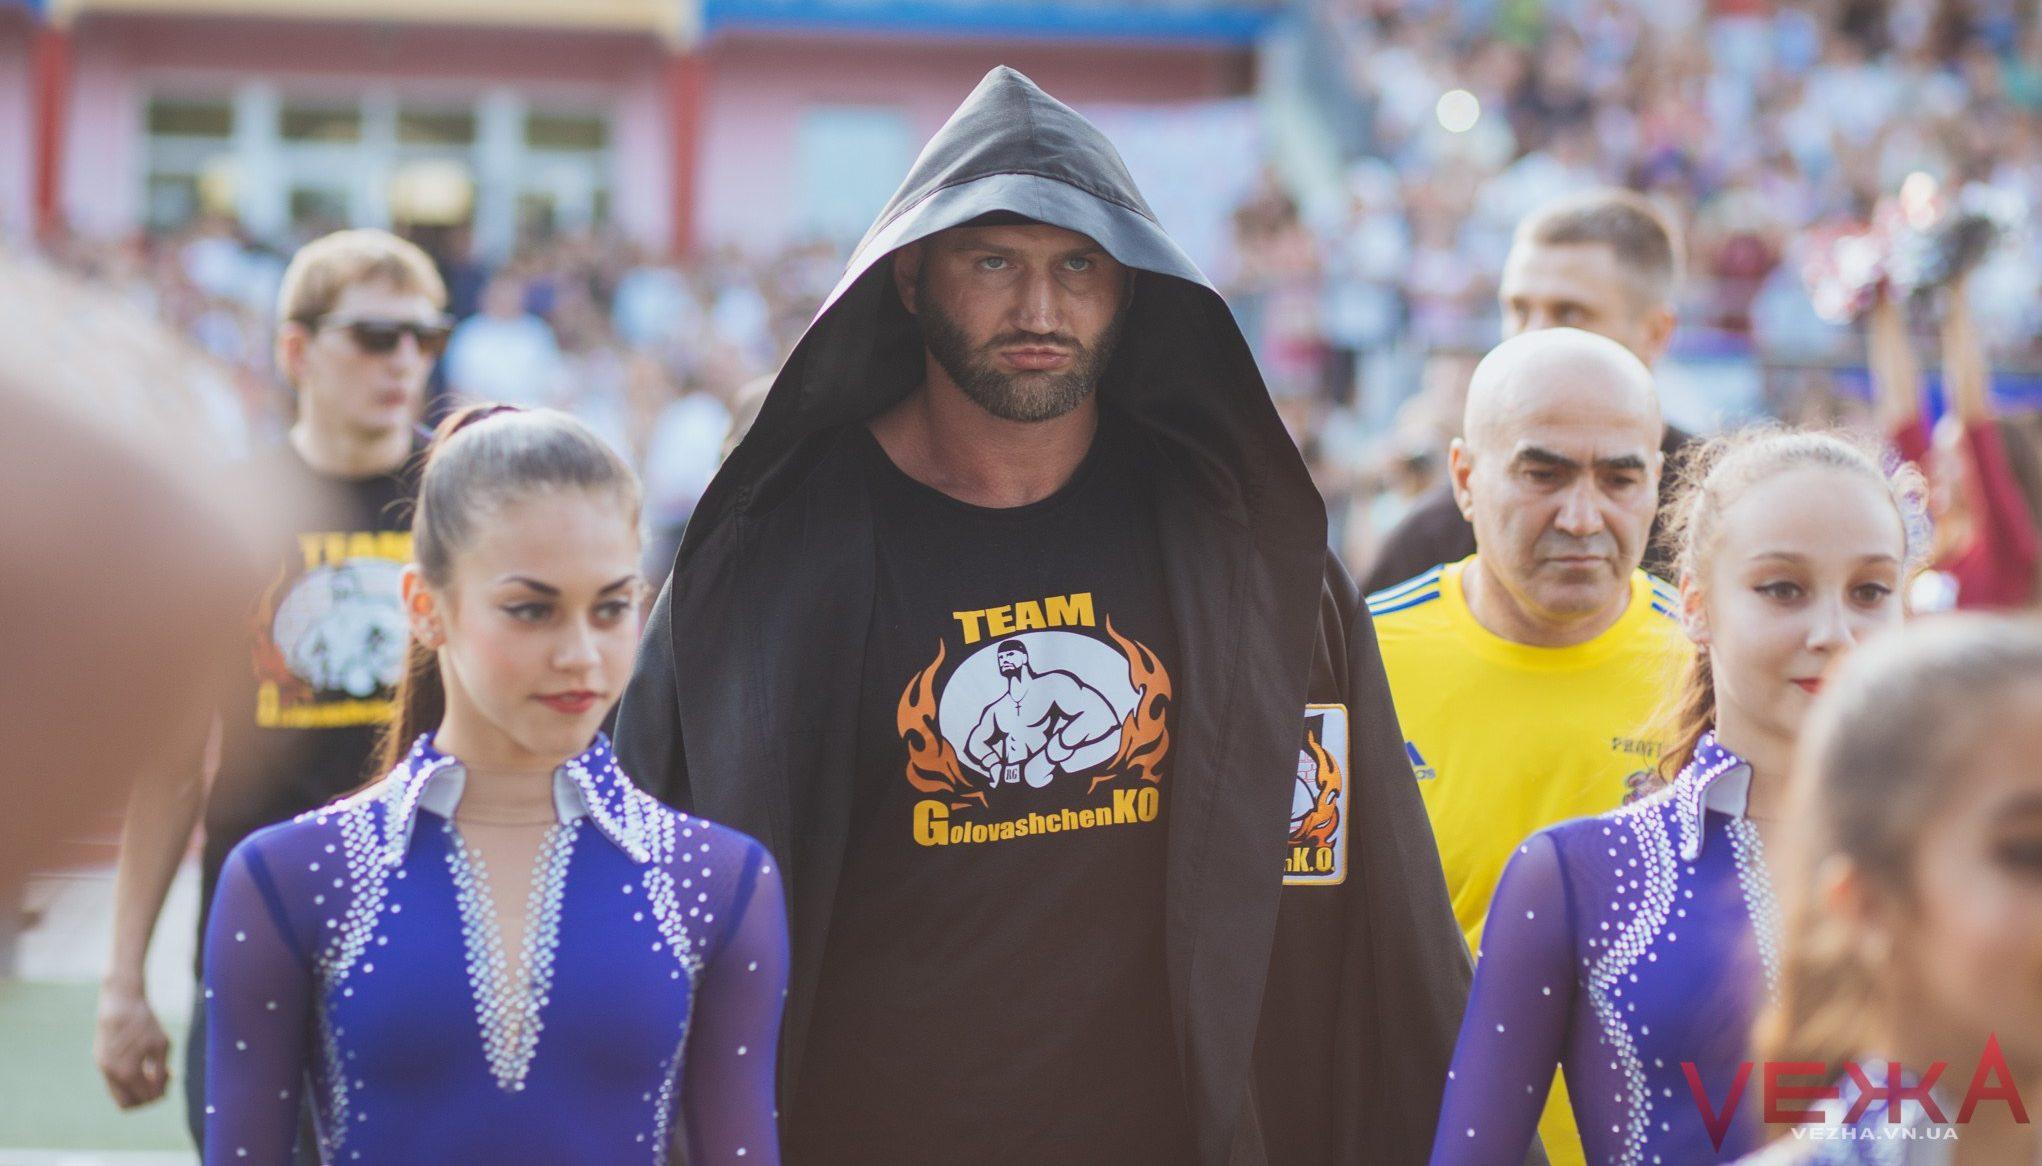 Вінницький чемпіон Головащенко влаштує онлайн-конференцію перед титульним боєм